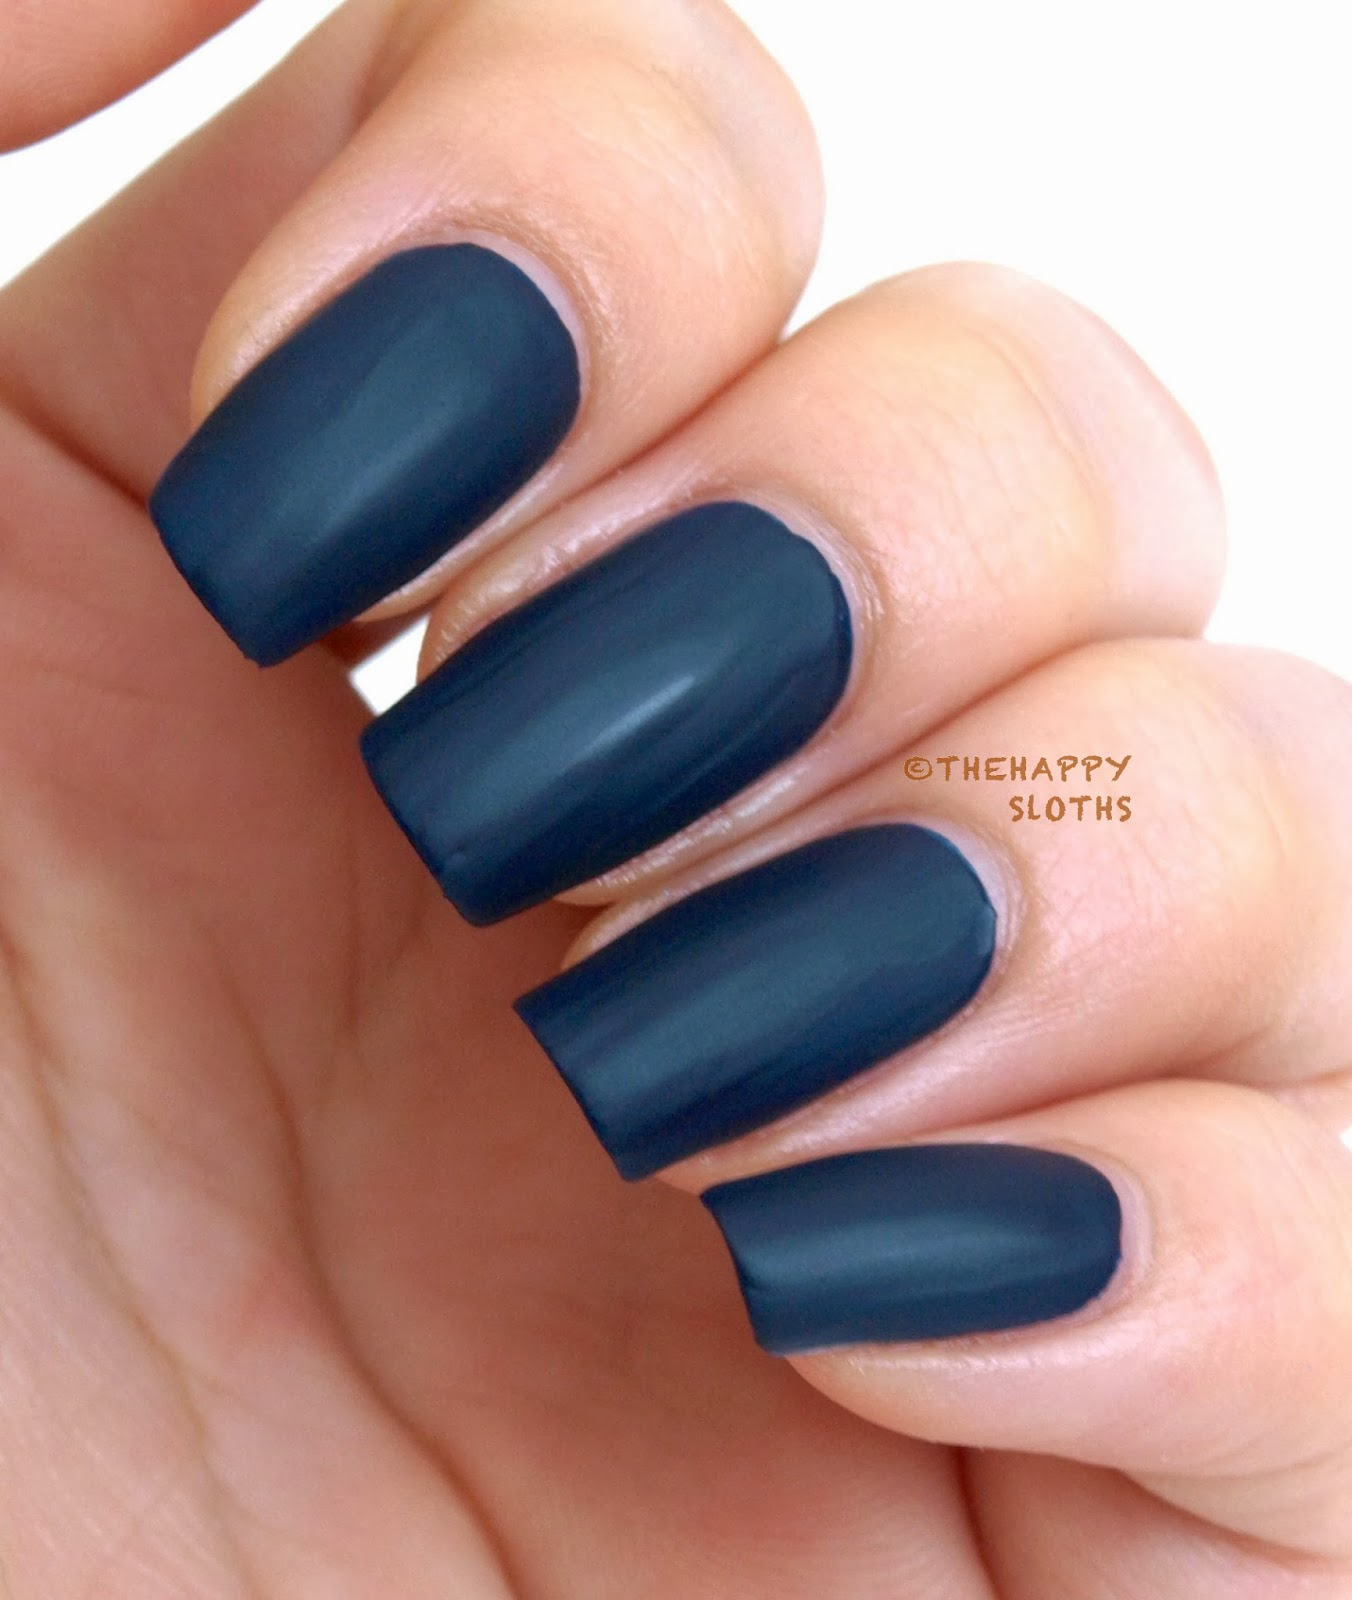 Revlon Nail Art Shiny Matte Nail Enamel in \